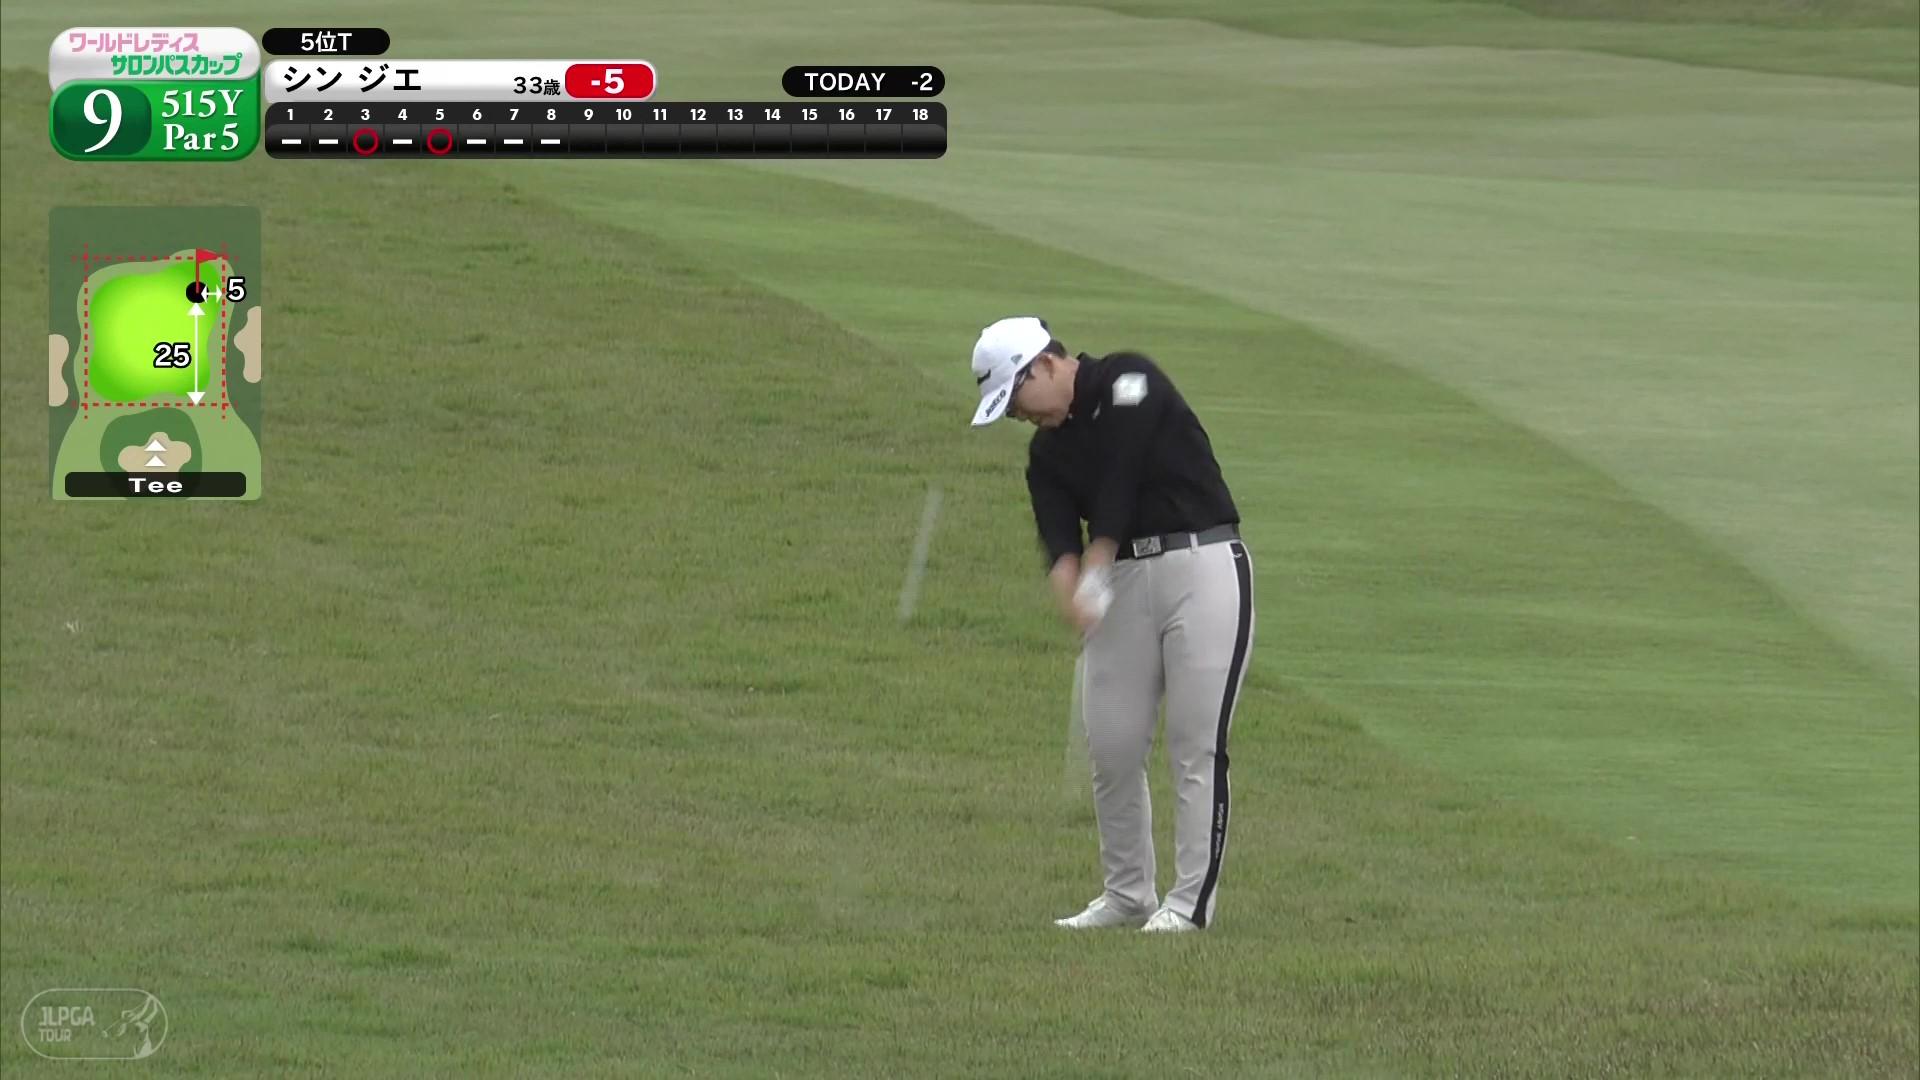 【女子ゴルフ】申 ジエ ショットの名手が魅せる、ラフからの距離感抜群アプローチ!〈ワールドレディスチャンピオンシップサロンパスカップ2日目〉